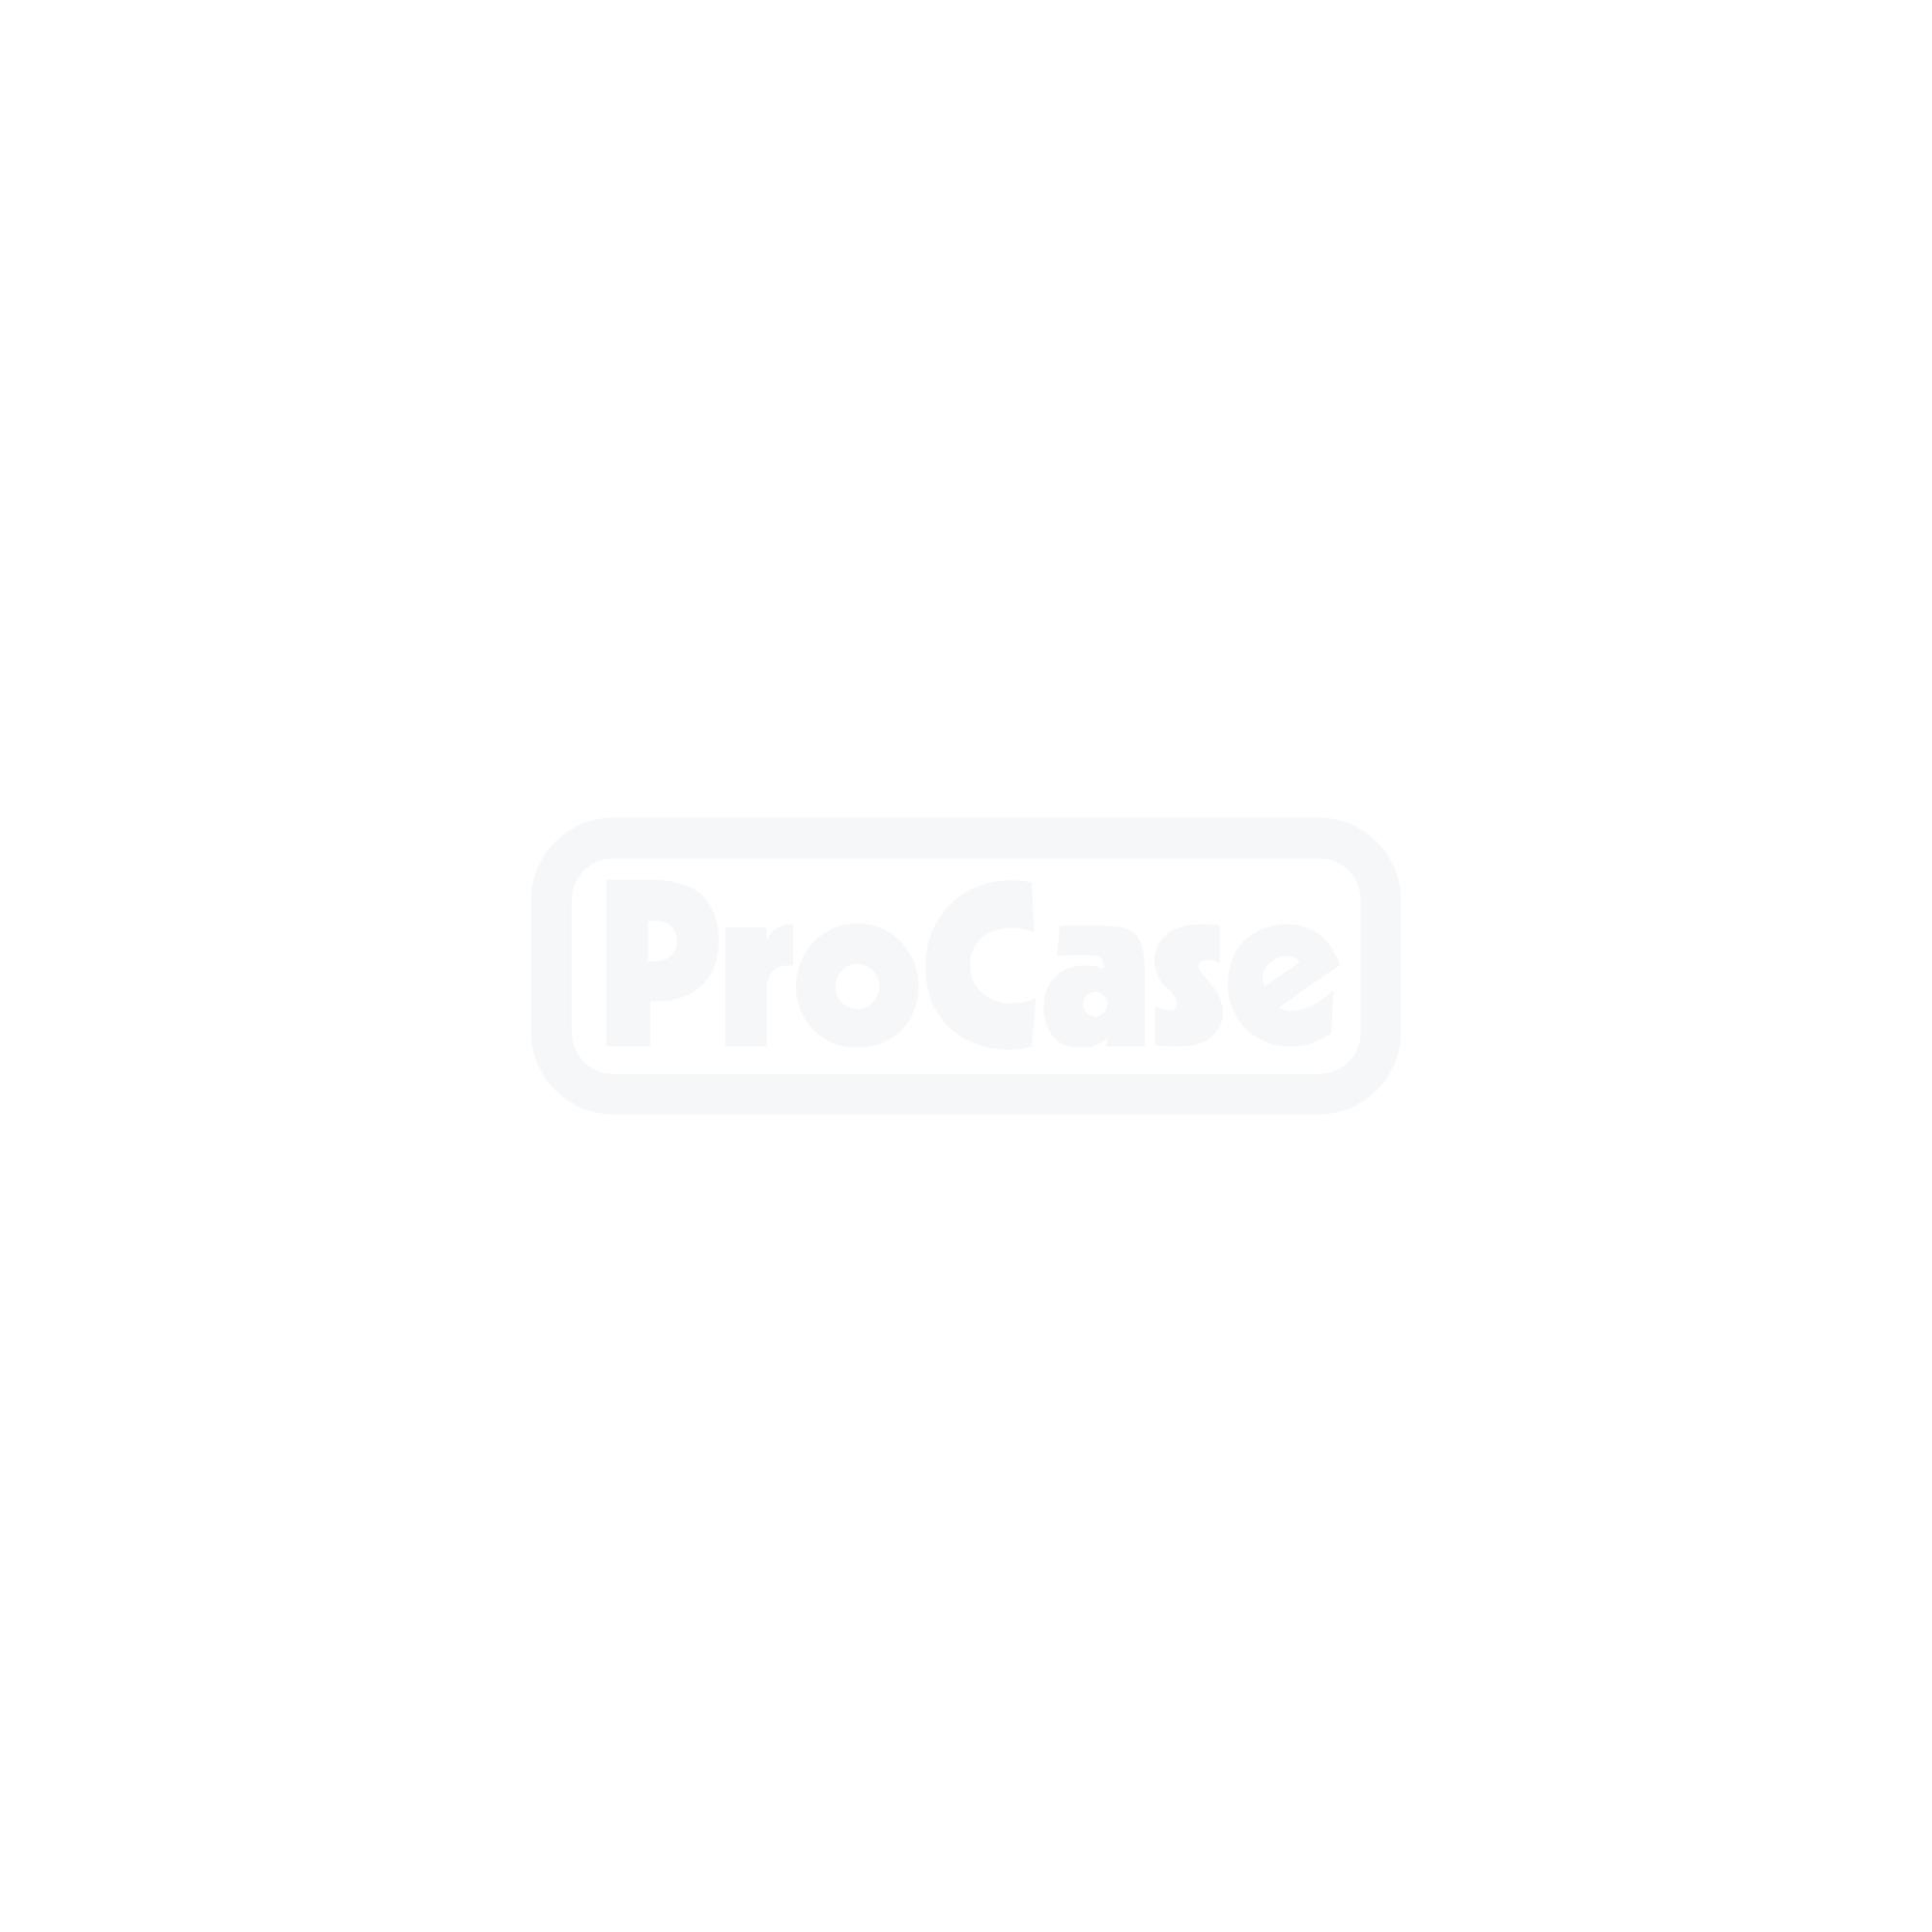 QSD-Rack 18HE 600 mm tief 2